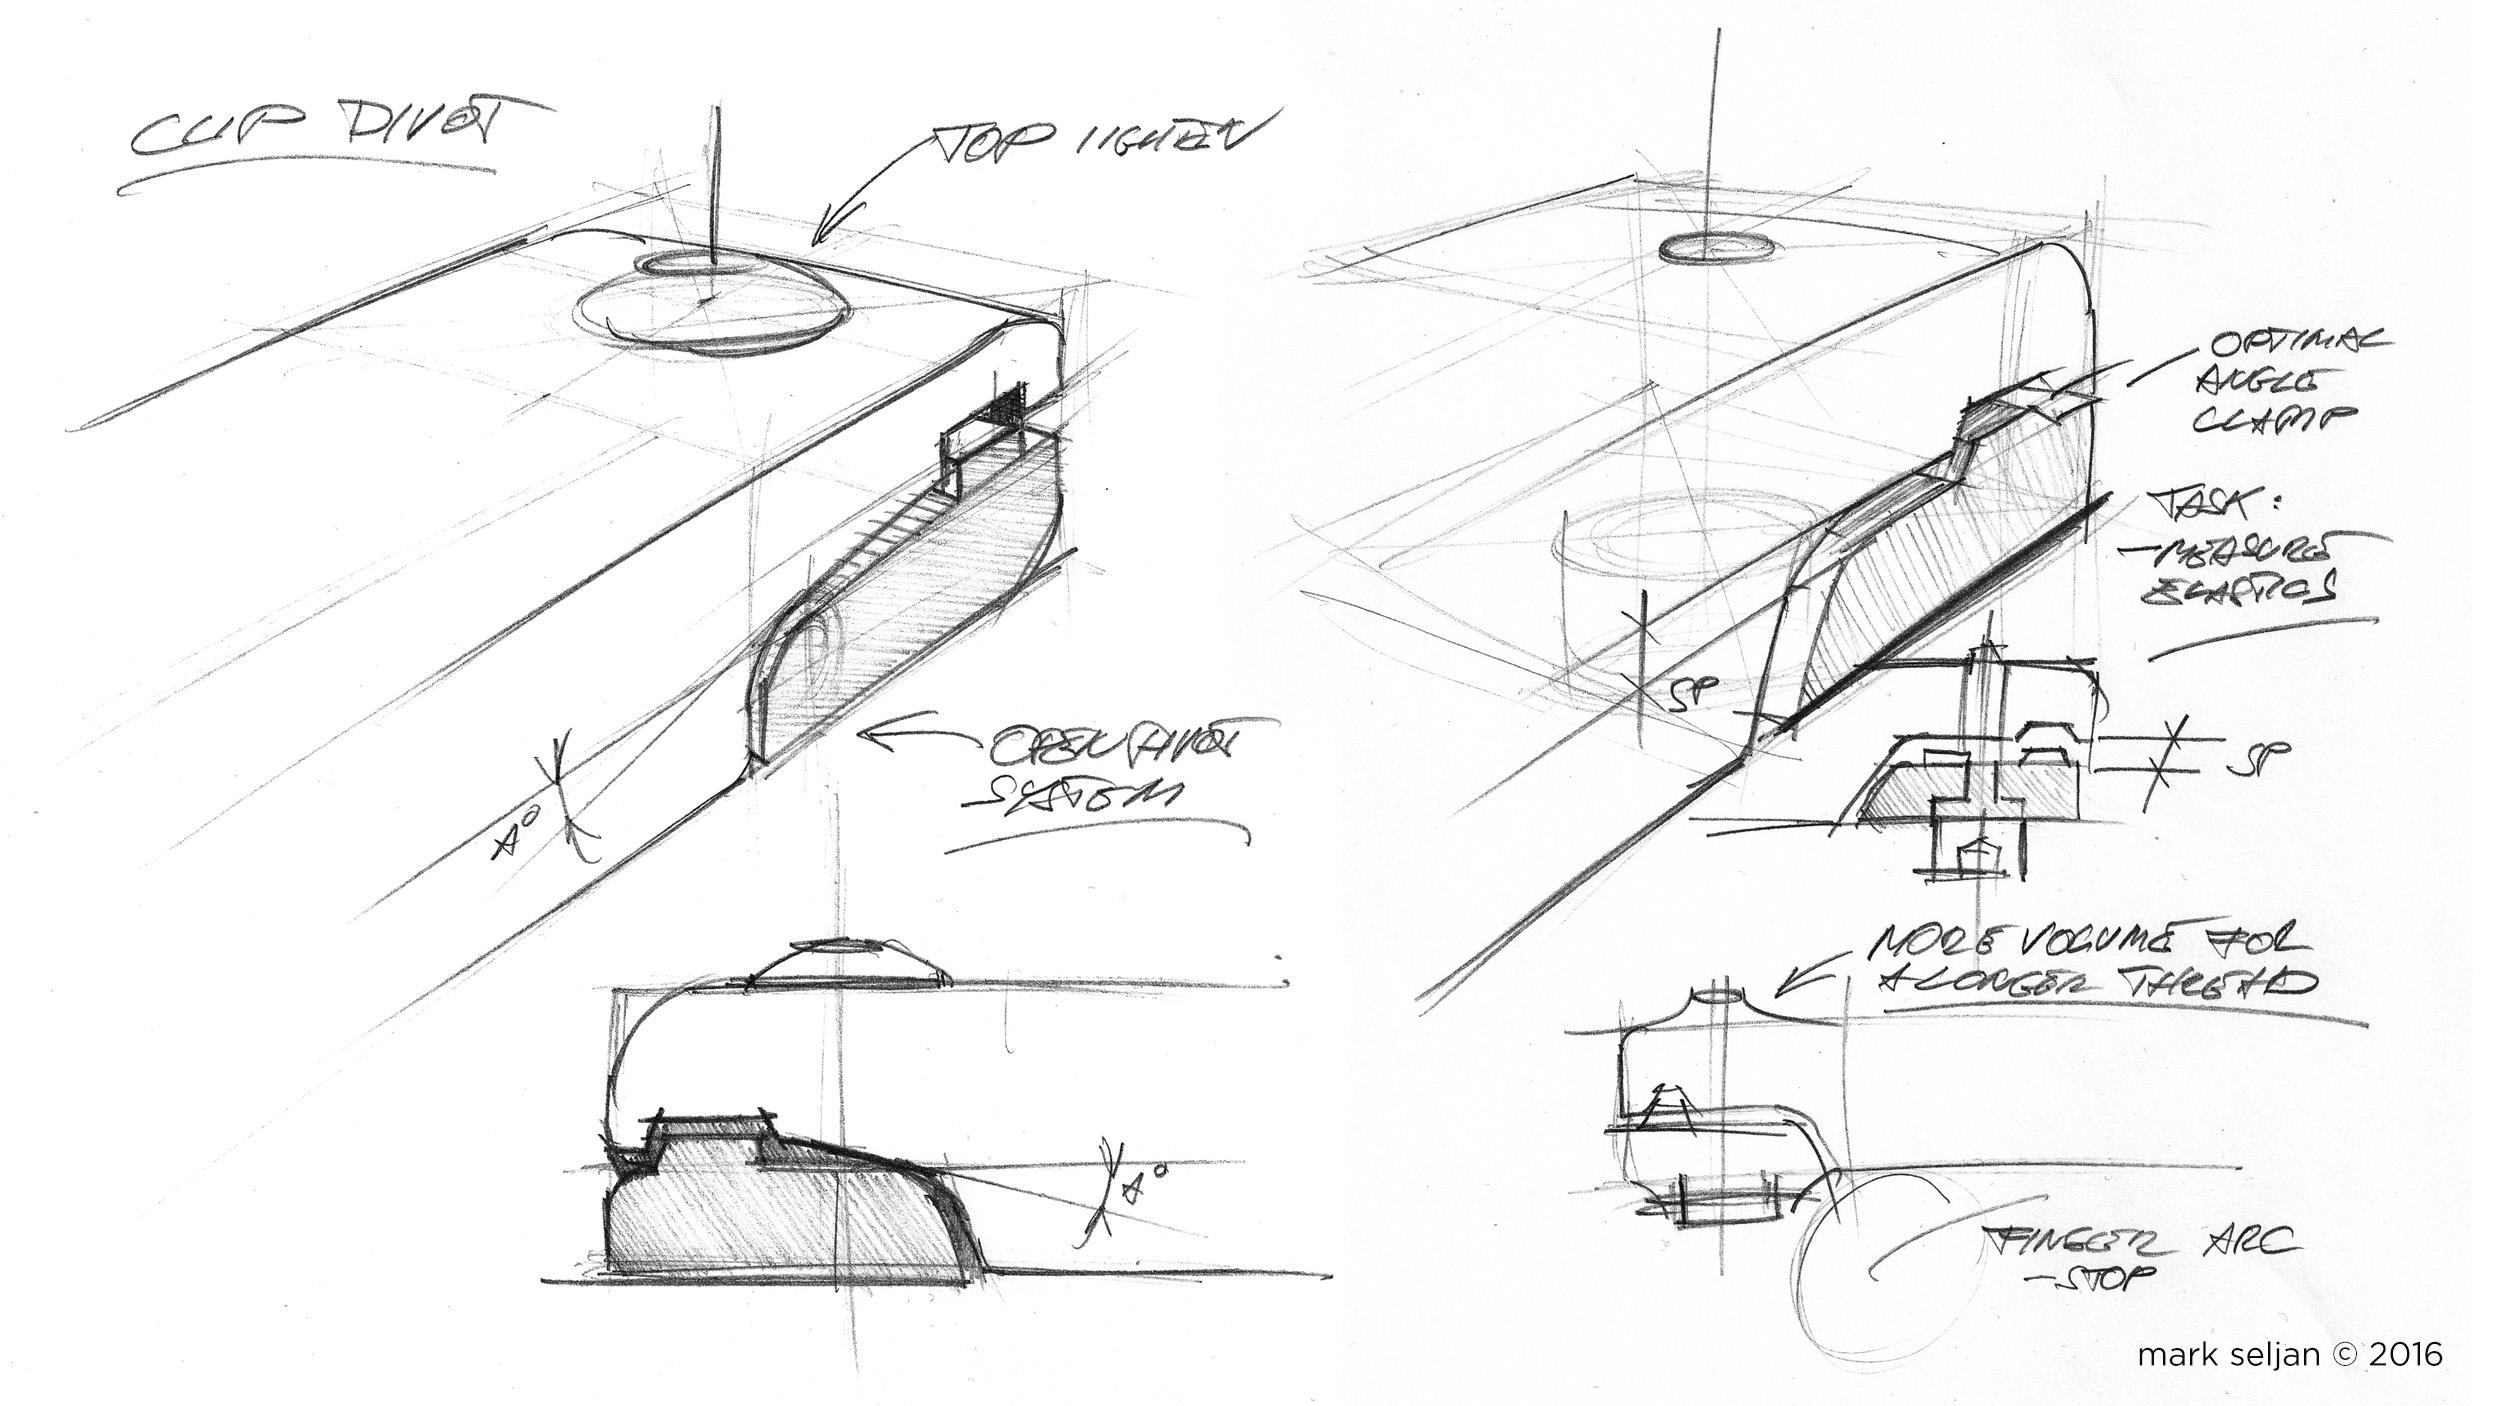 Seljan - The Slant - Concept Sketch, clips 2